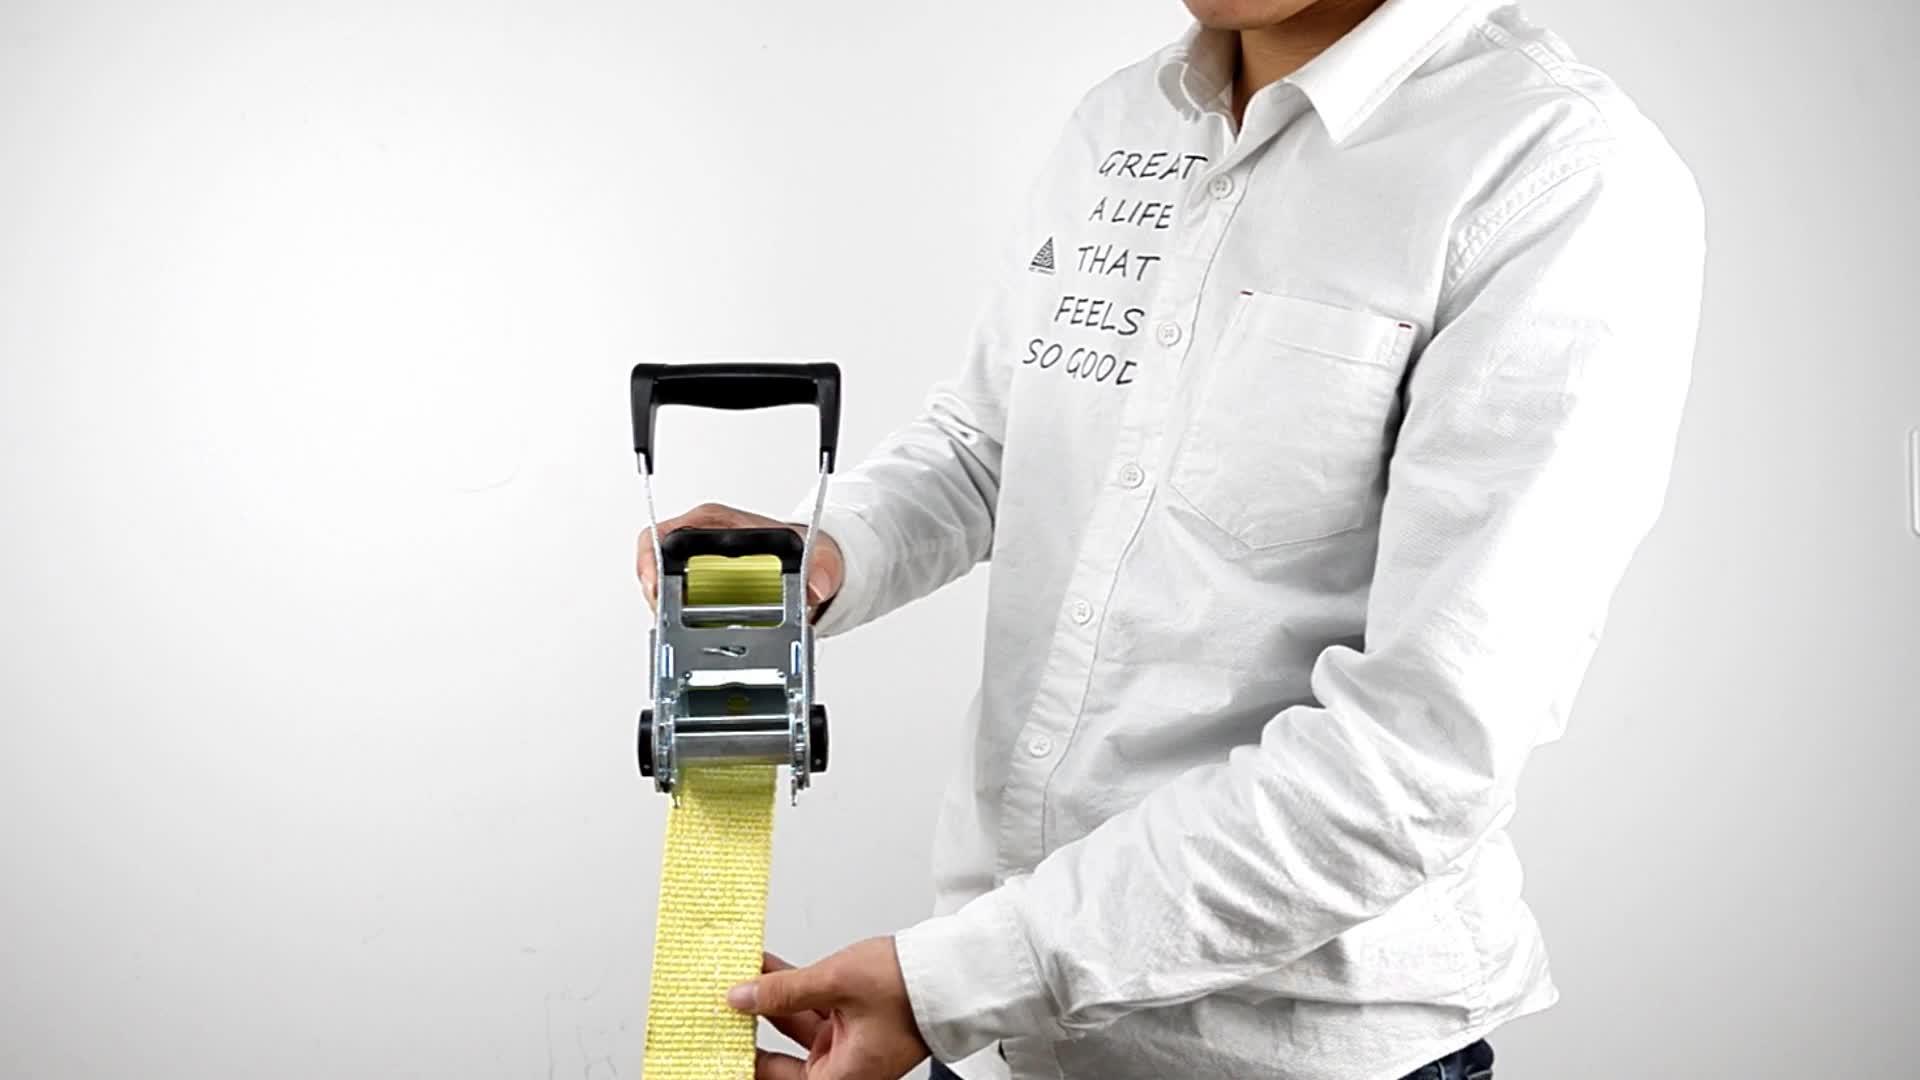 GS NHƯ chứng nhận 5T heavy duty thoải mái nhựa xử lý ratchet tie xuống dây đeo hàng hóa lashing vành đai